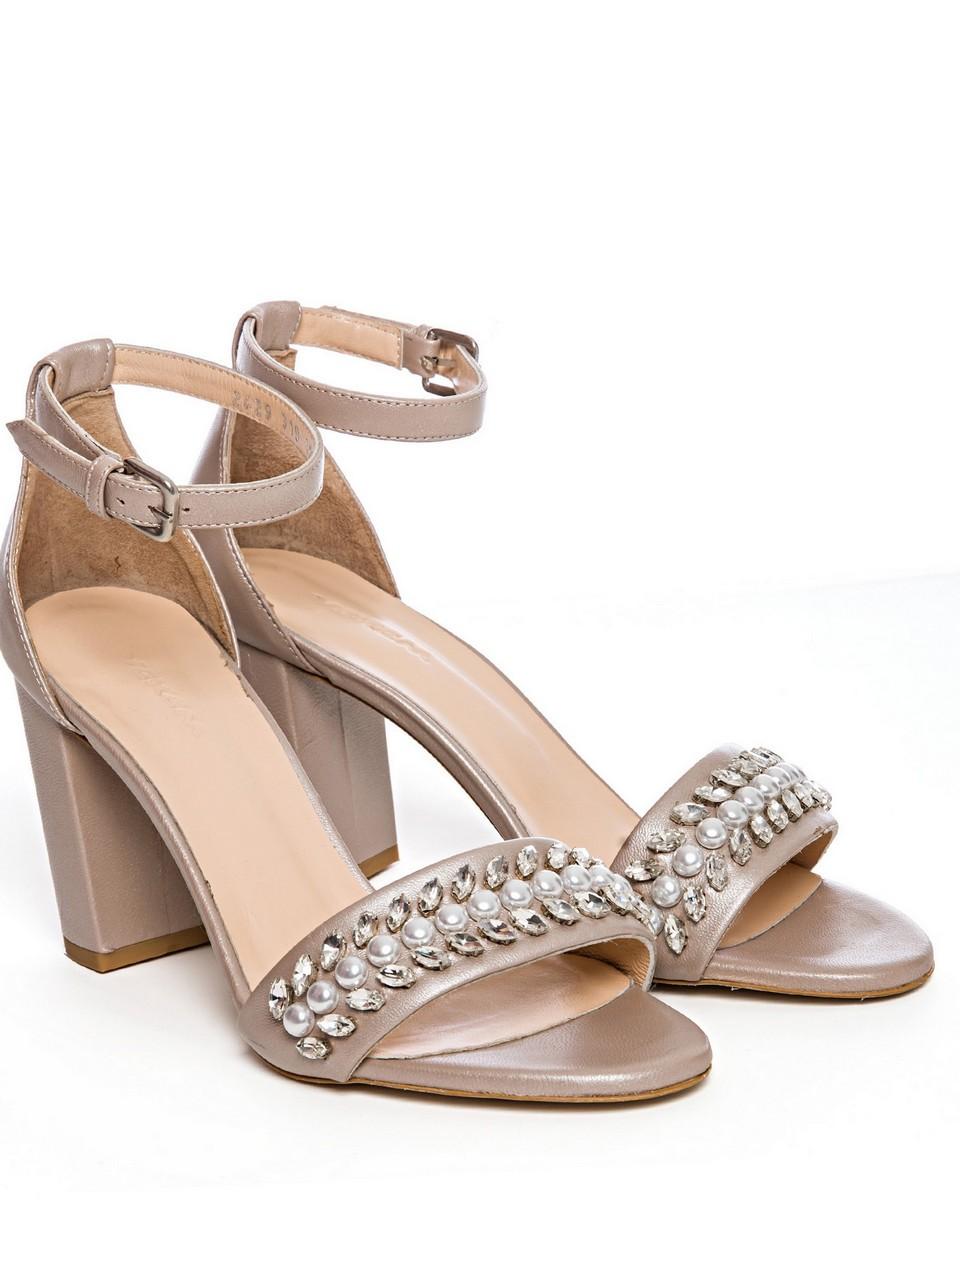 İnci Ve Taş Detaylı Bilekten Bağlamalı Topuklu Ayakkabı